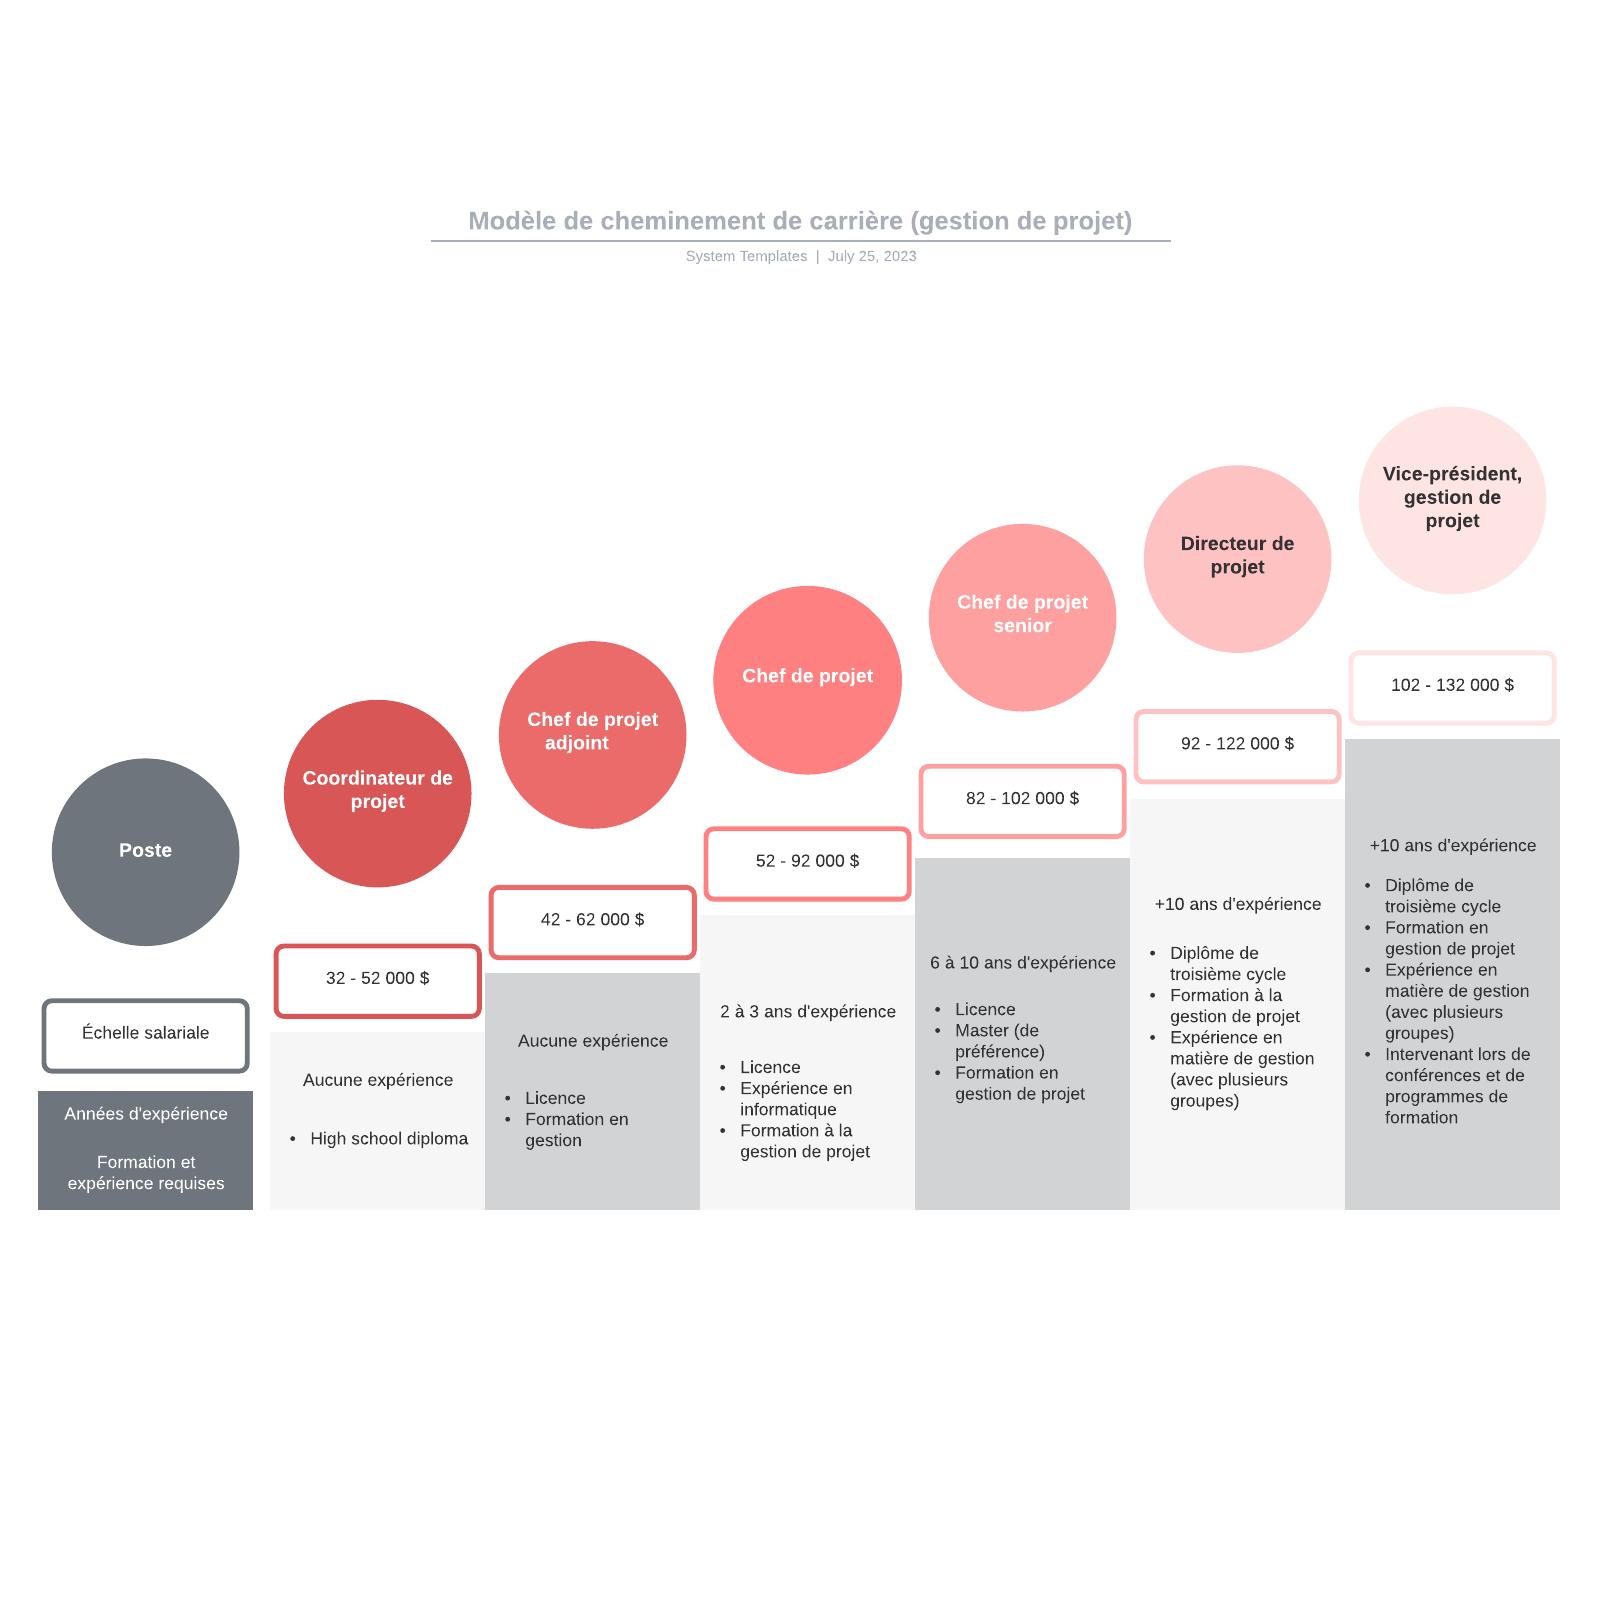 exemple de modèle de cheminement de carrière (gestion de projet)